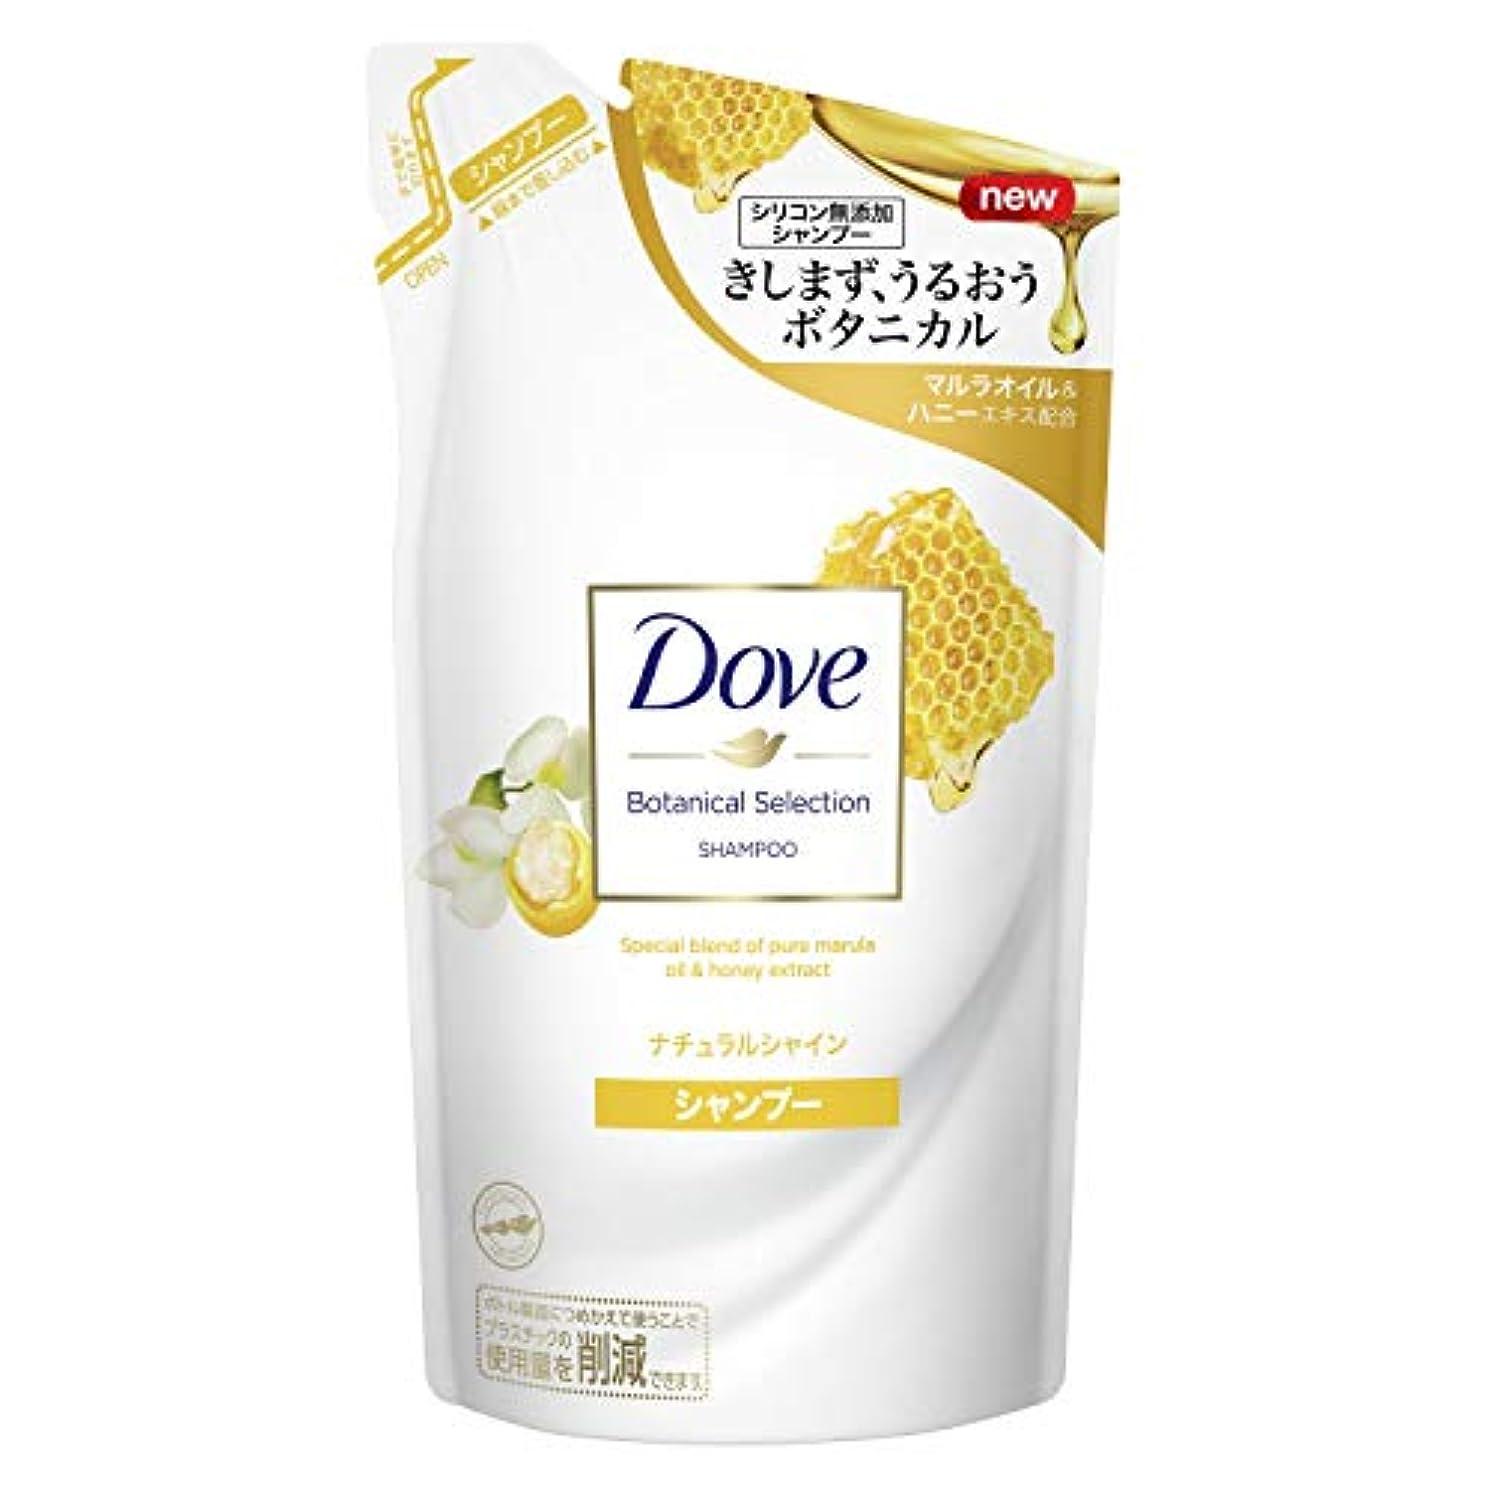 手がかり閲覧する冷蔵庫Dove(ダヴ) ダヴ ボタニカルセレクション ナチュラルシャイン シャンプー つめかえ用 350g